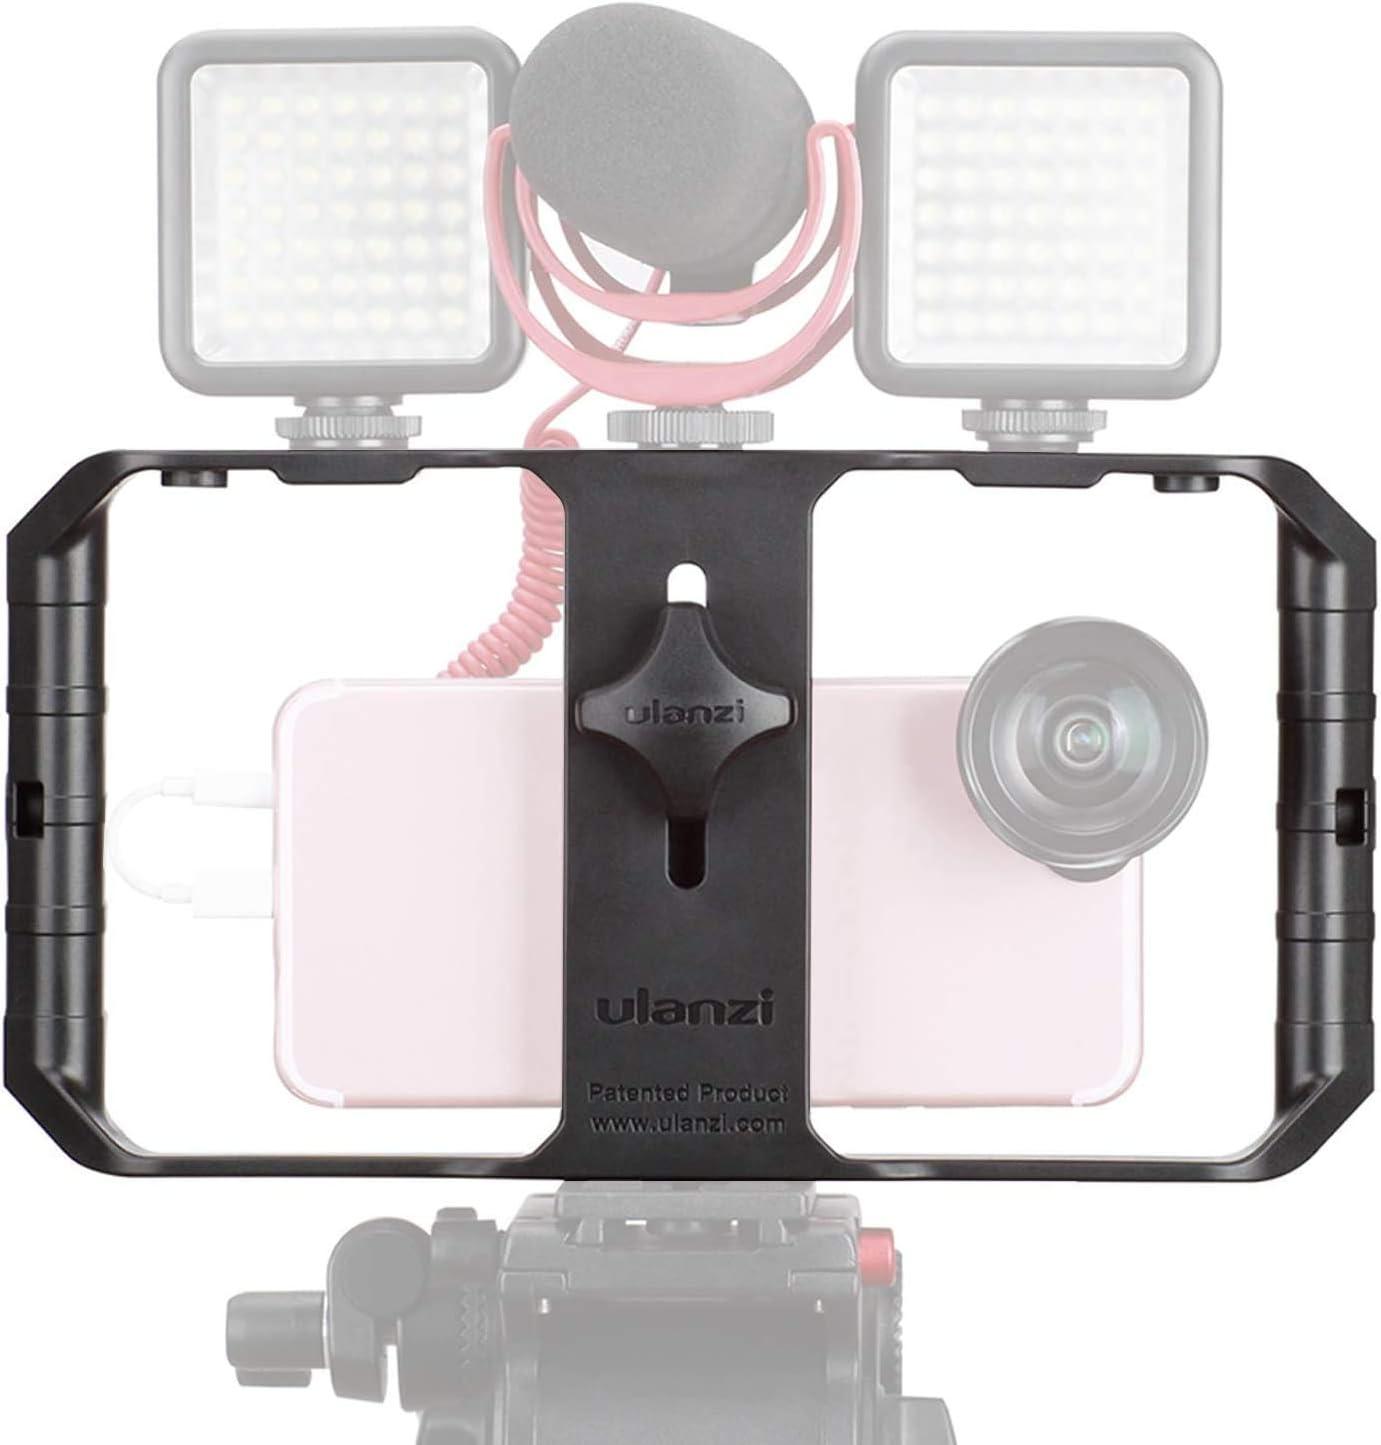 ULANZI U-Rig Pro Jaula de vídeo para iPhone Incluye 3 Soportes para Zapatos fríos, estabilizador de vídeo, videocámara para iPhone 11 Pro MAX XR SE 2020 8 7 Plus Samsung Xiaomi Huawei